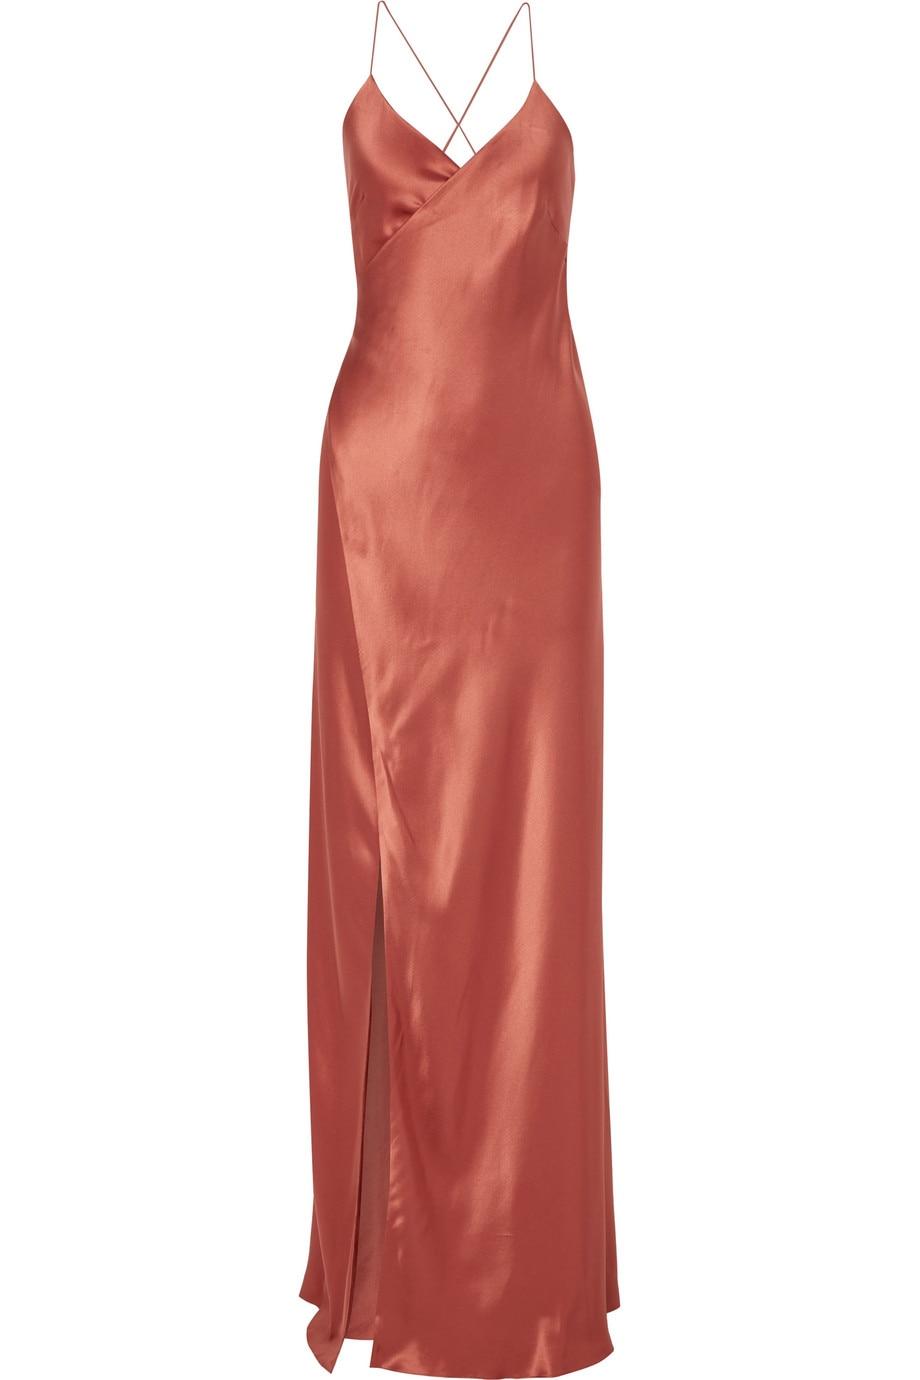 Robe Demoiselle D'Honneur Cheap Sheath Bridesmaid Dresses Long 2020 V-Neck Satin Spaghetti Straps Side Slit Vestido De Festa